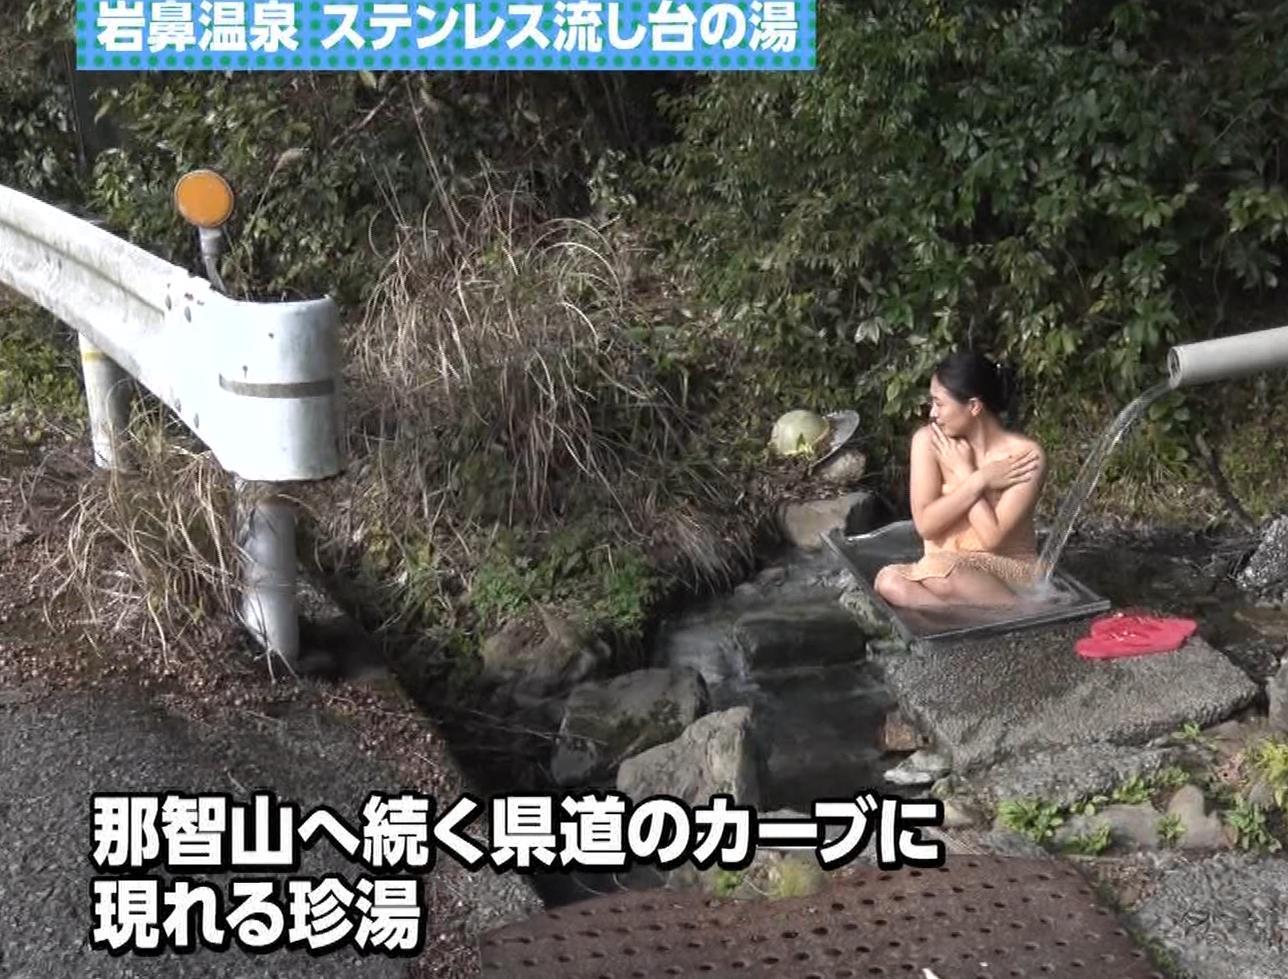 川村ゆきえ 道路から丸見えの温泉に入らされる強制野外露出番組キャプ・エロ画像26